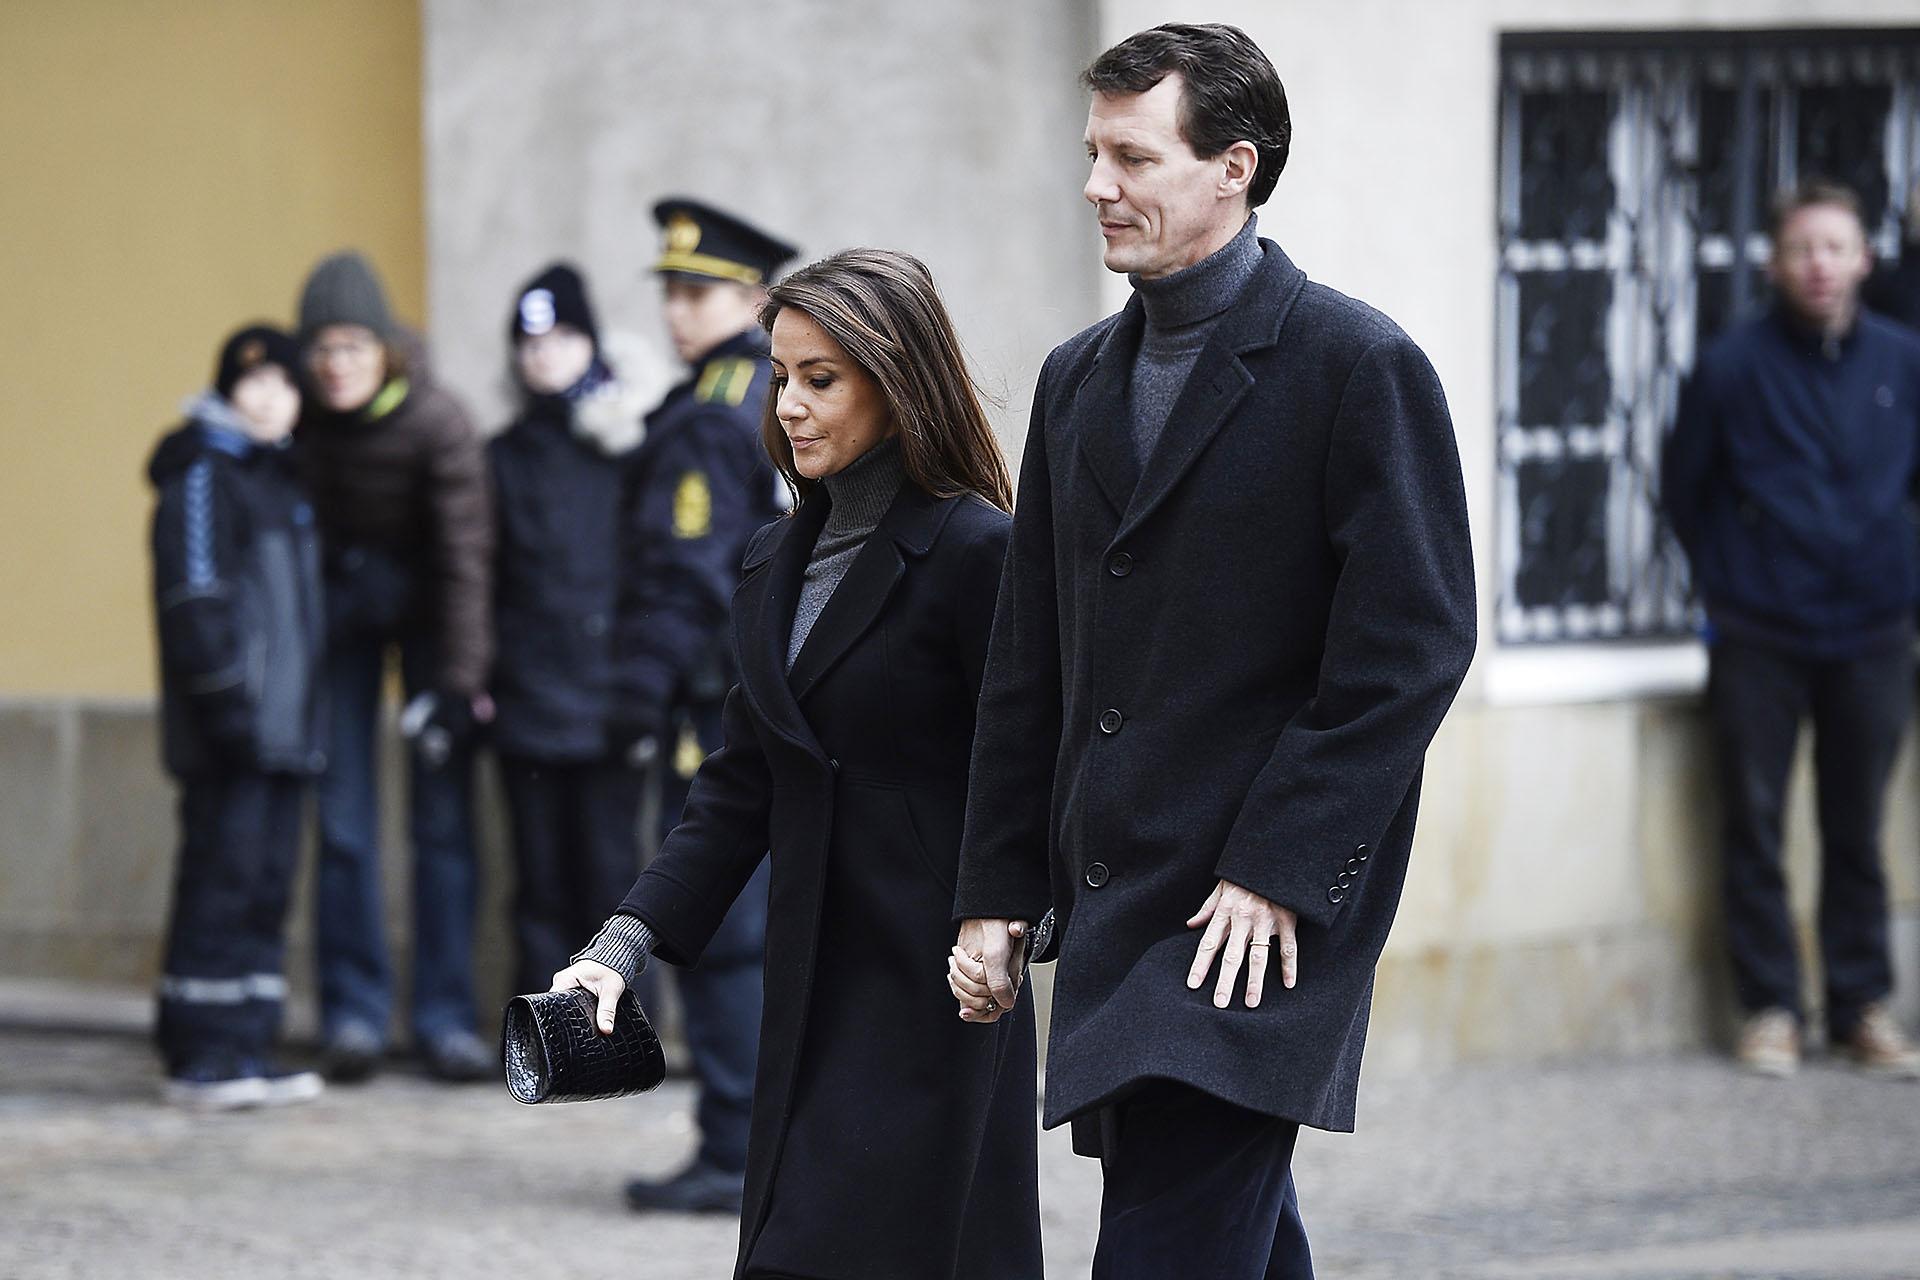 El príncipe Joaquín arribó en compañía de su mujer. Durante varios días, los daneses hicieron largas filas para despedir en silencio y con gran tristeza al príncipe Enrik